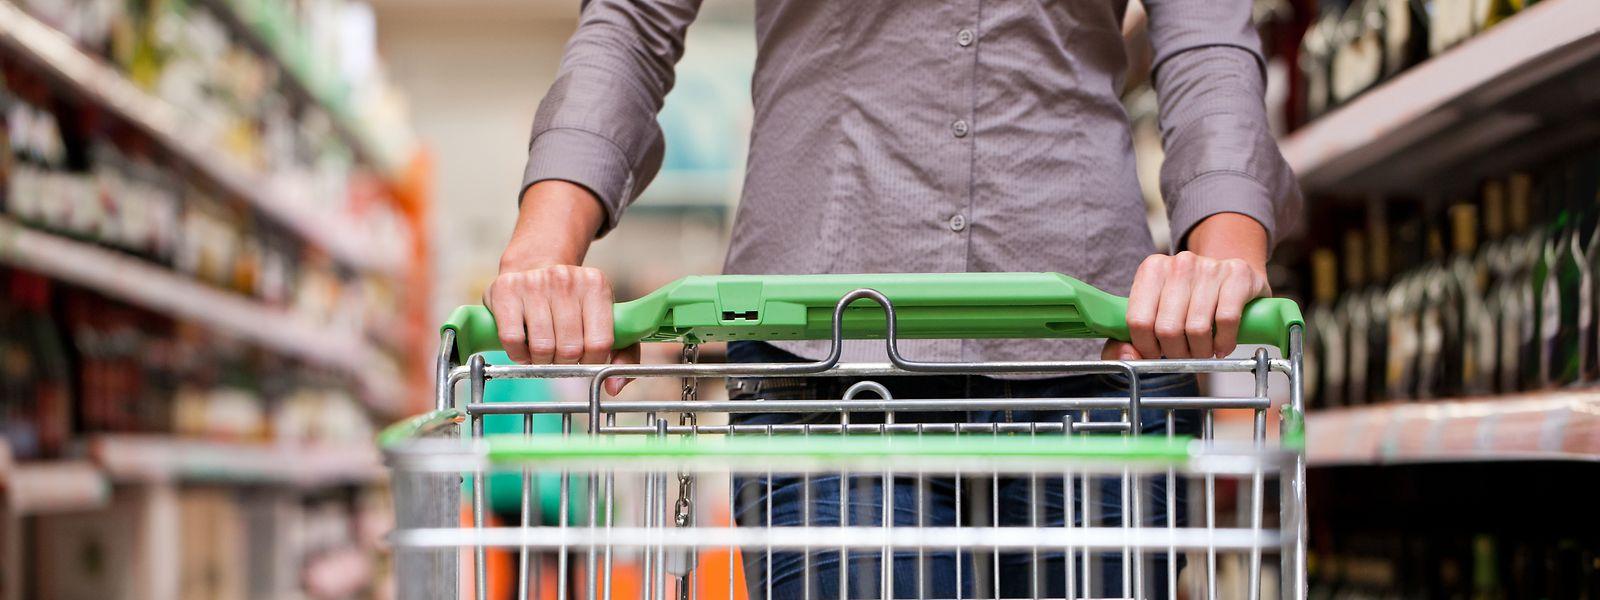 Es hilft schon, das eigene Konsumverhalten kritisch zu hinterfragen. Vieles davon entpuppt sich als gesellschaftlich geförderte Sucht.